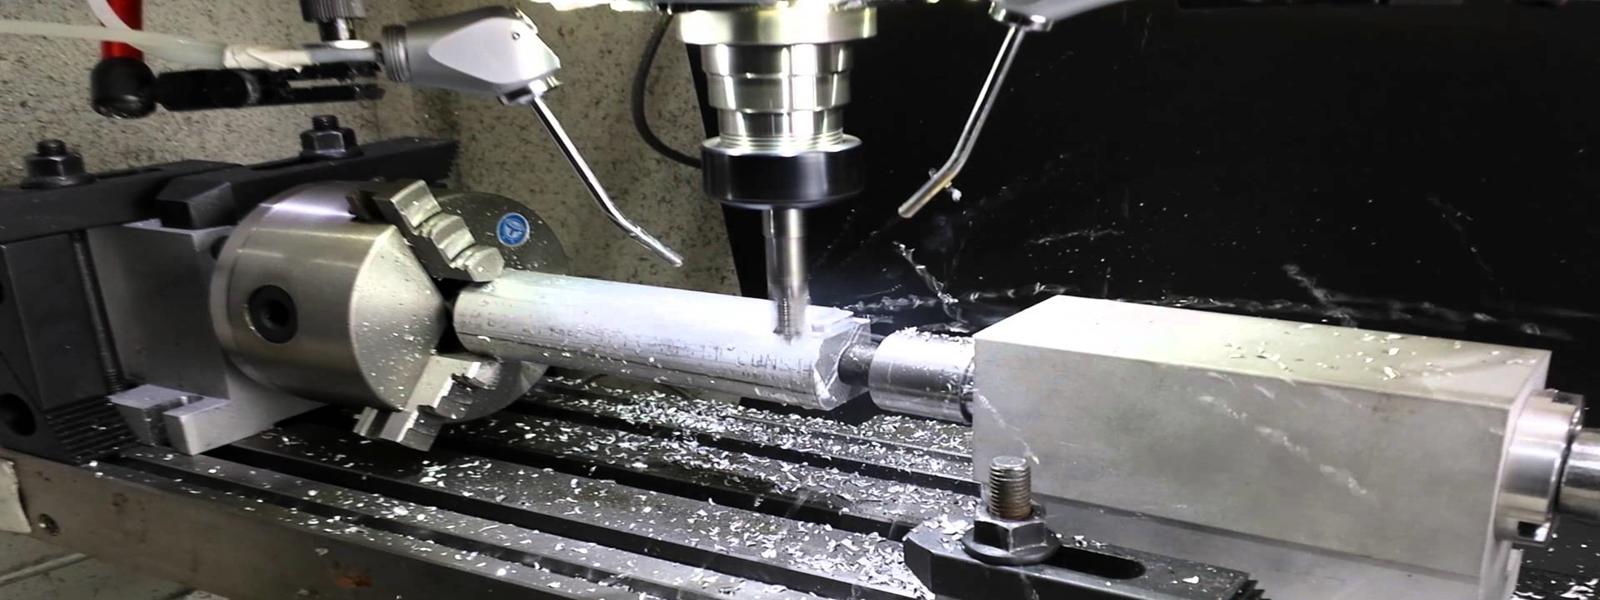 CAMWorks Mill-Turn